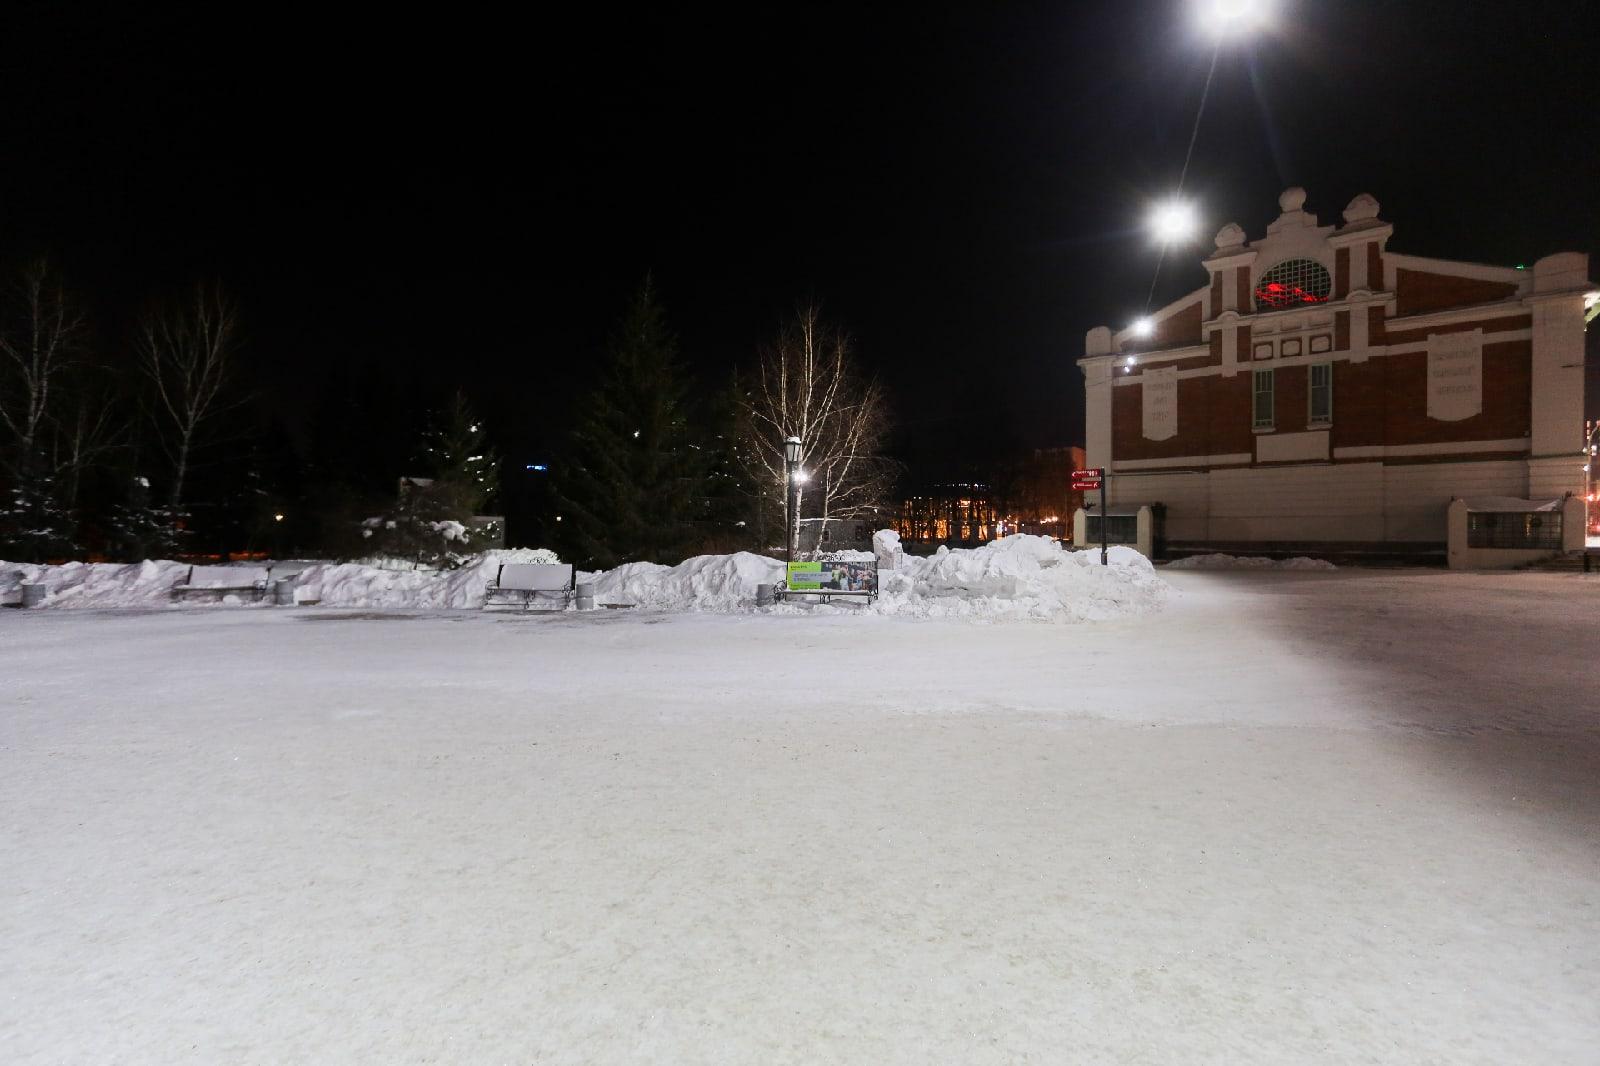 Фото «Оторвать руки мерзавцам»: новосибирцы жаждут наказания для разрушителей снежных скульптур в Первомайском сквере 3